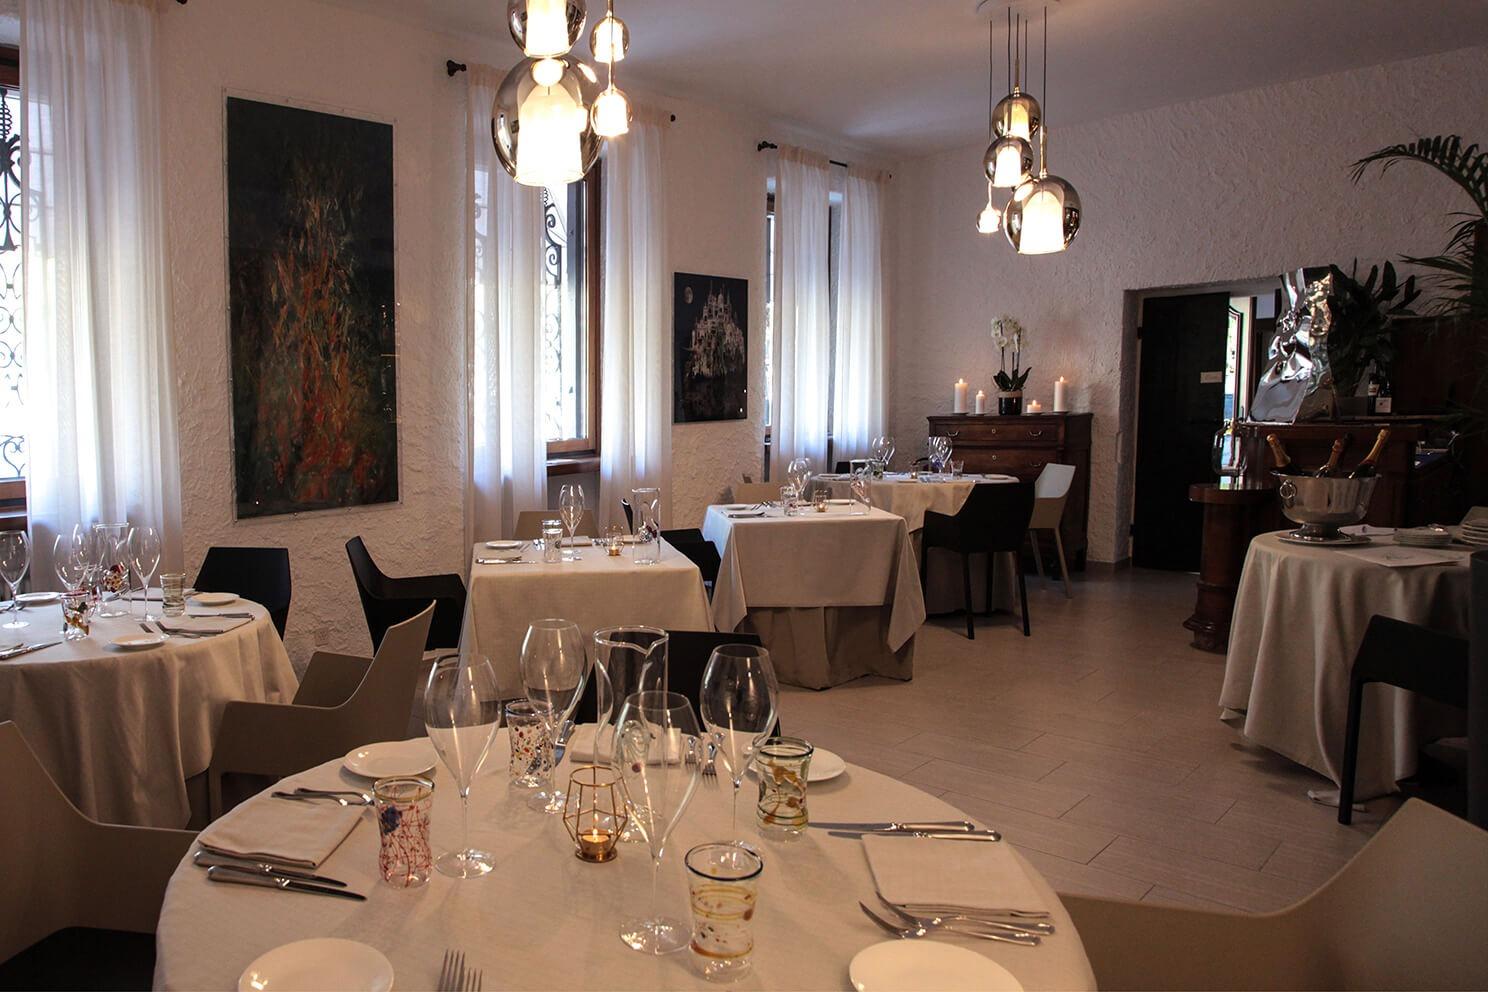 foto sala ristorante badalucci lugano